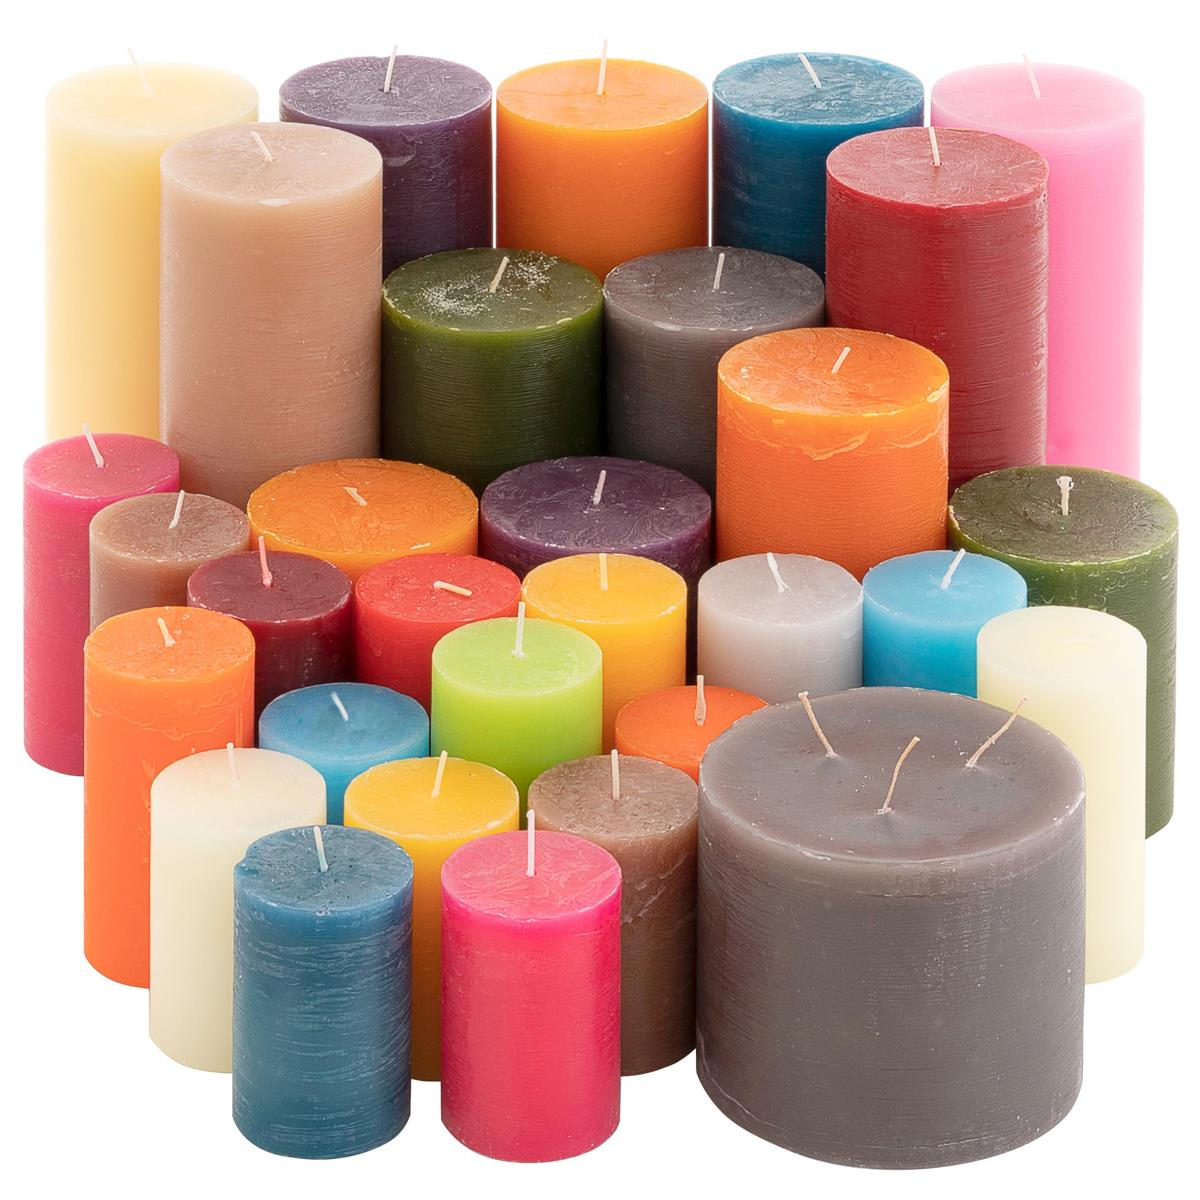 Rustic Stumpenkerzen 5kg Set 11 Stück durchgefärbt Farbmix gemischt Posten